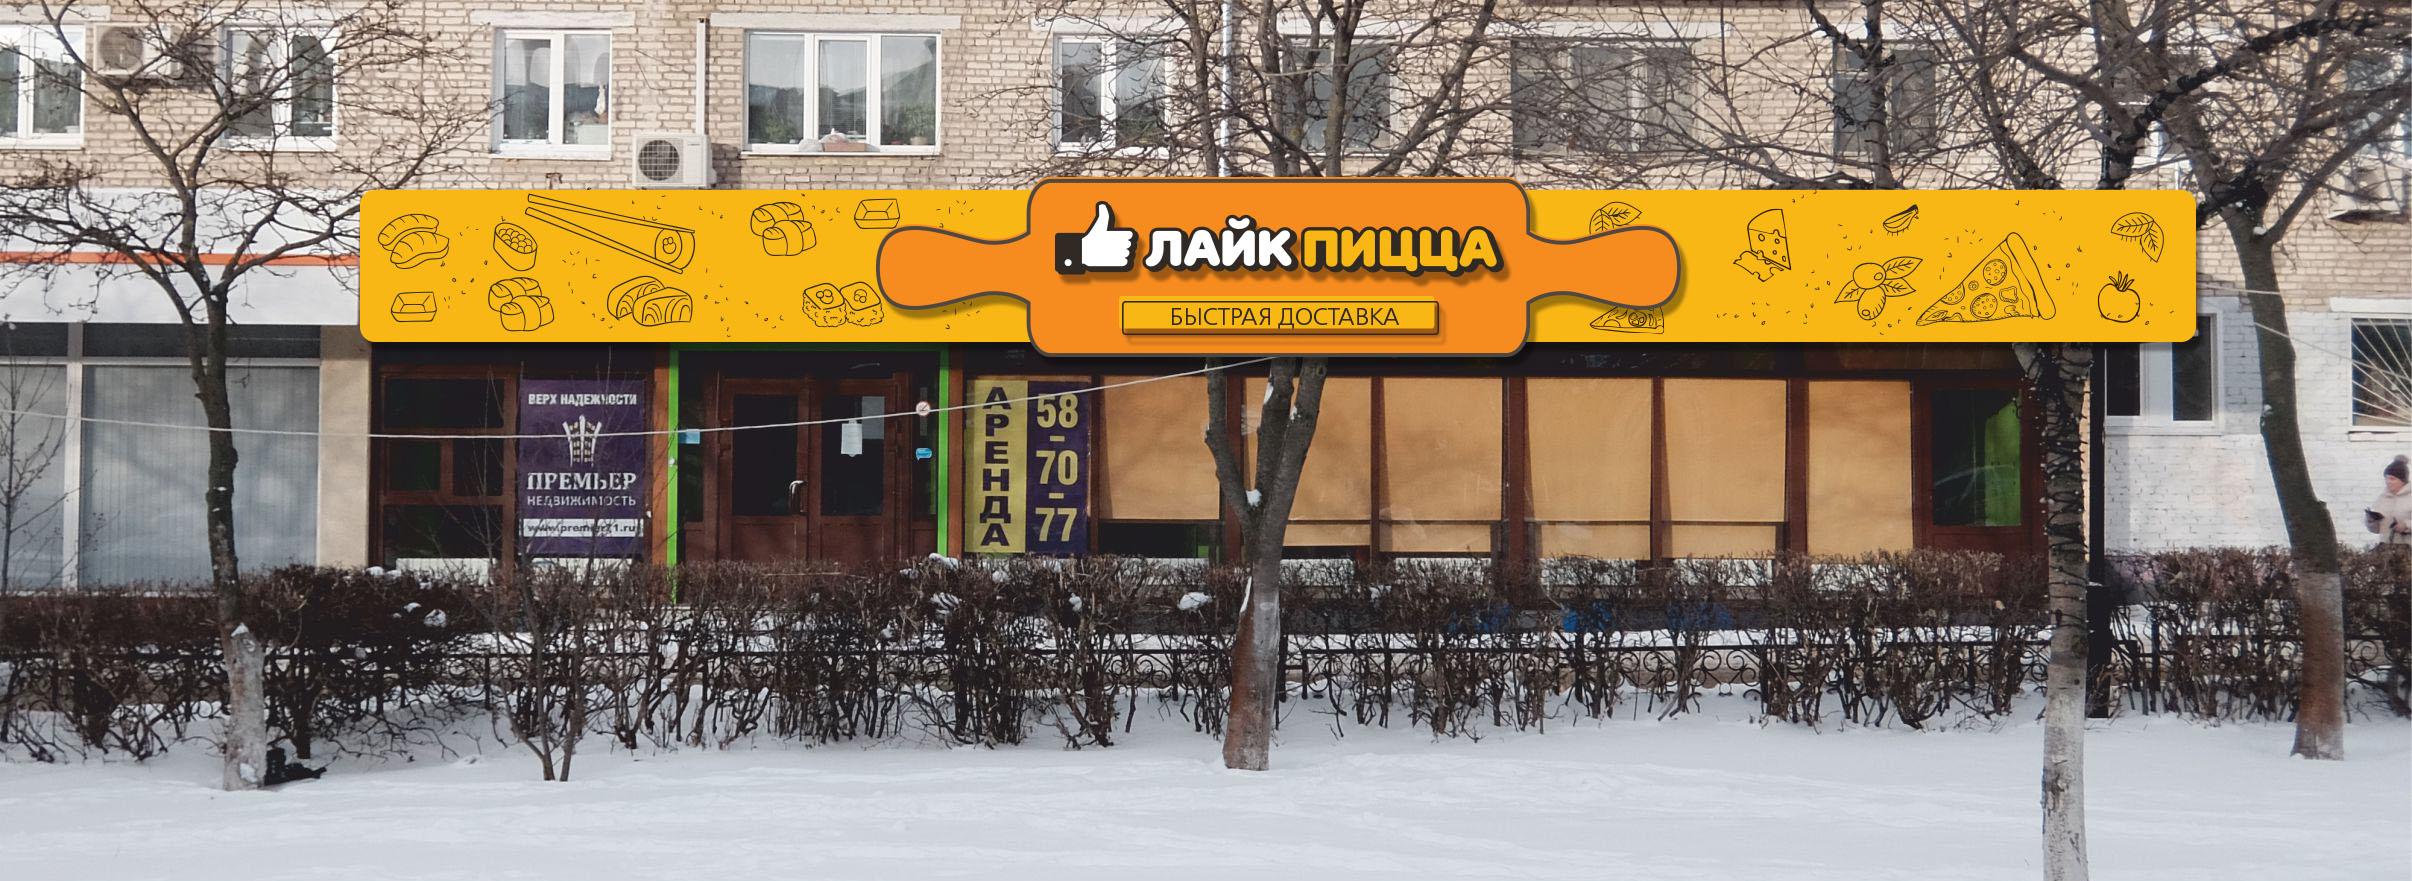 Дизайн уличного козырька с вывеской для пиццерии фото f_0645873f918cefc4.jpg